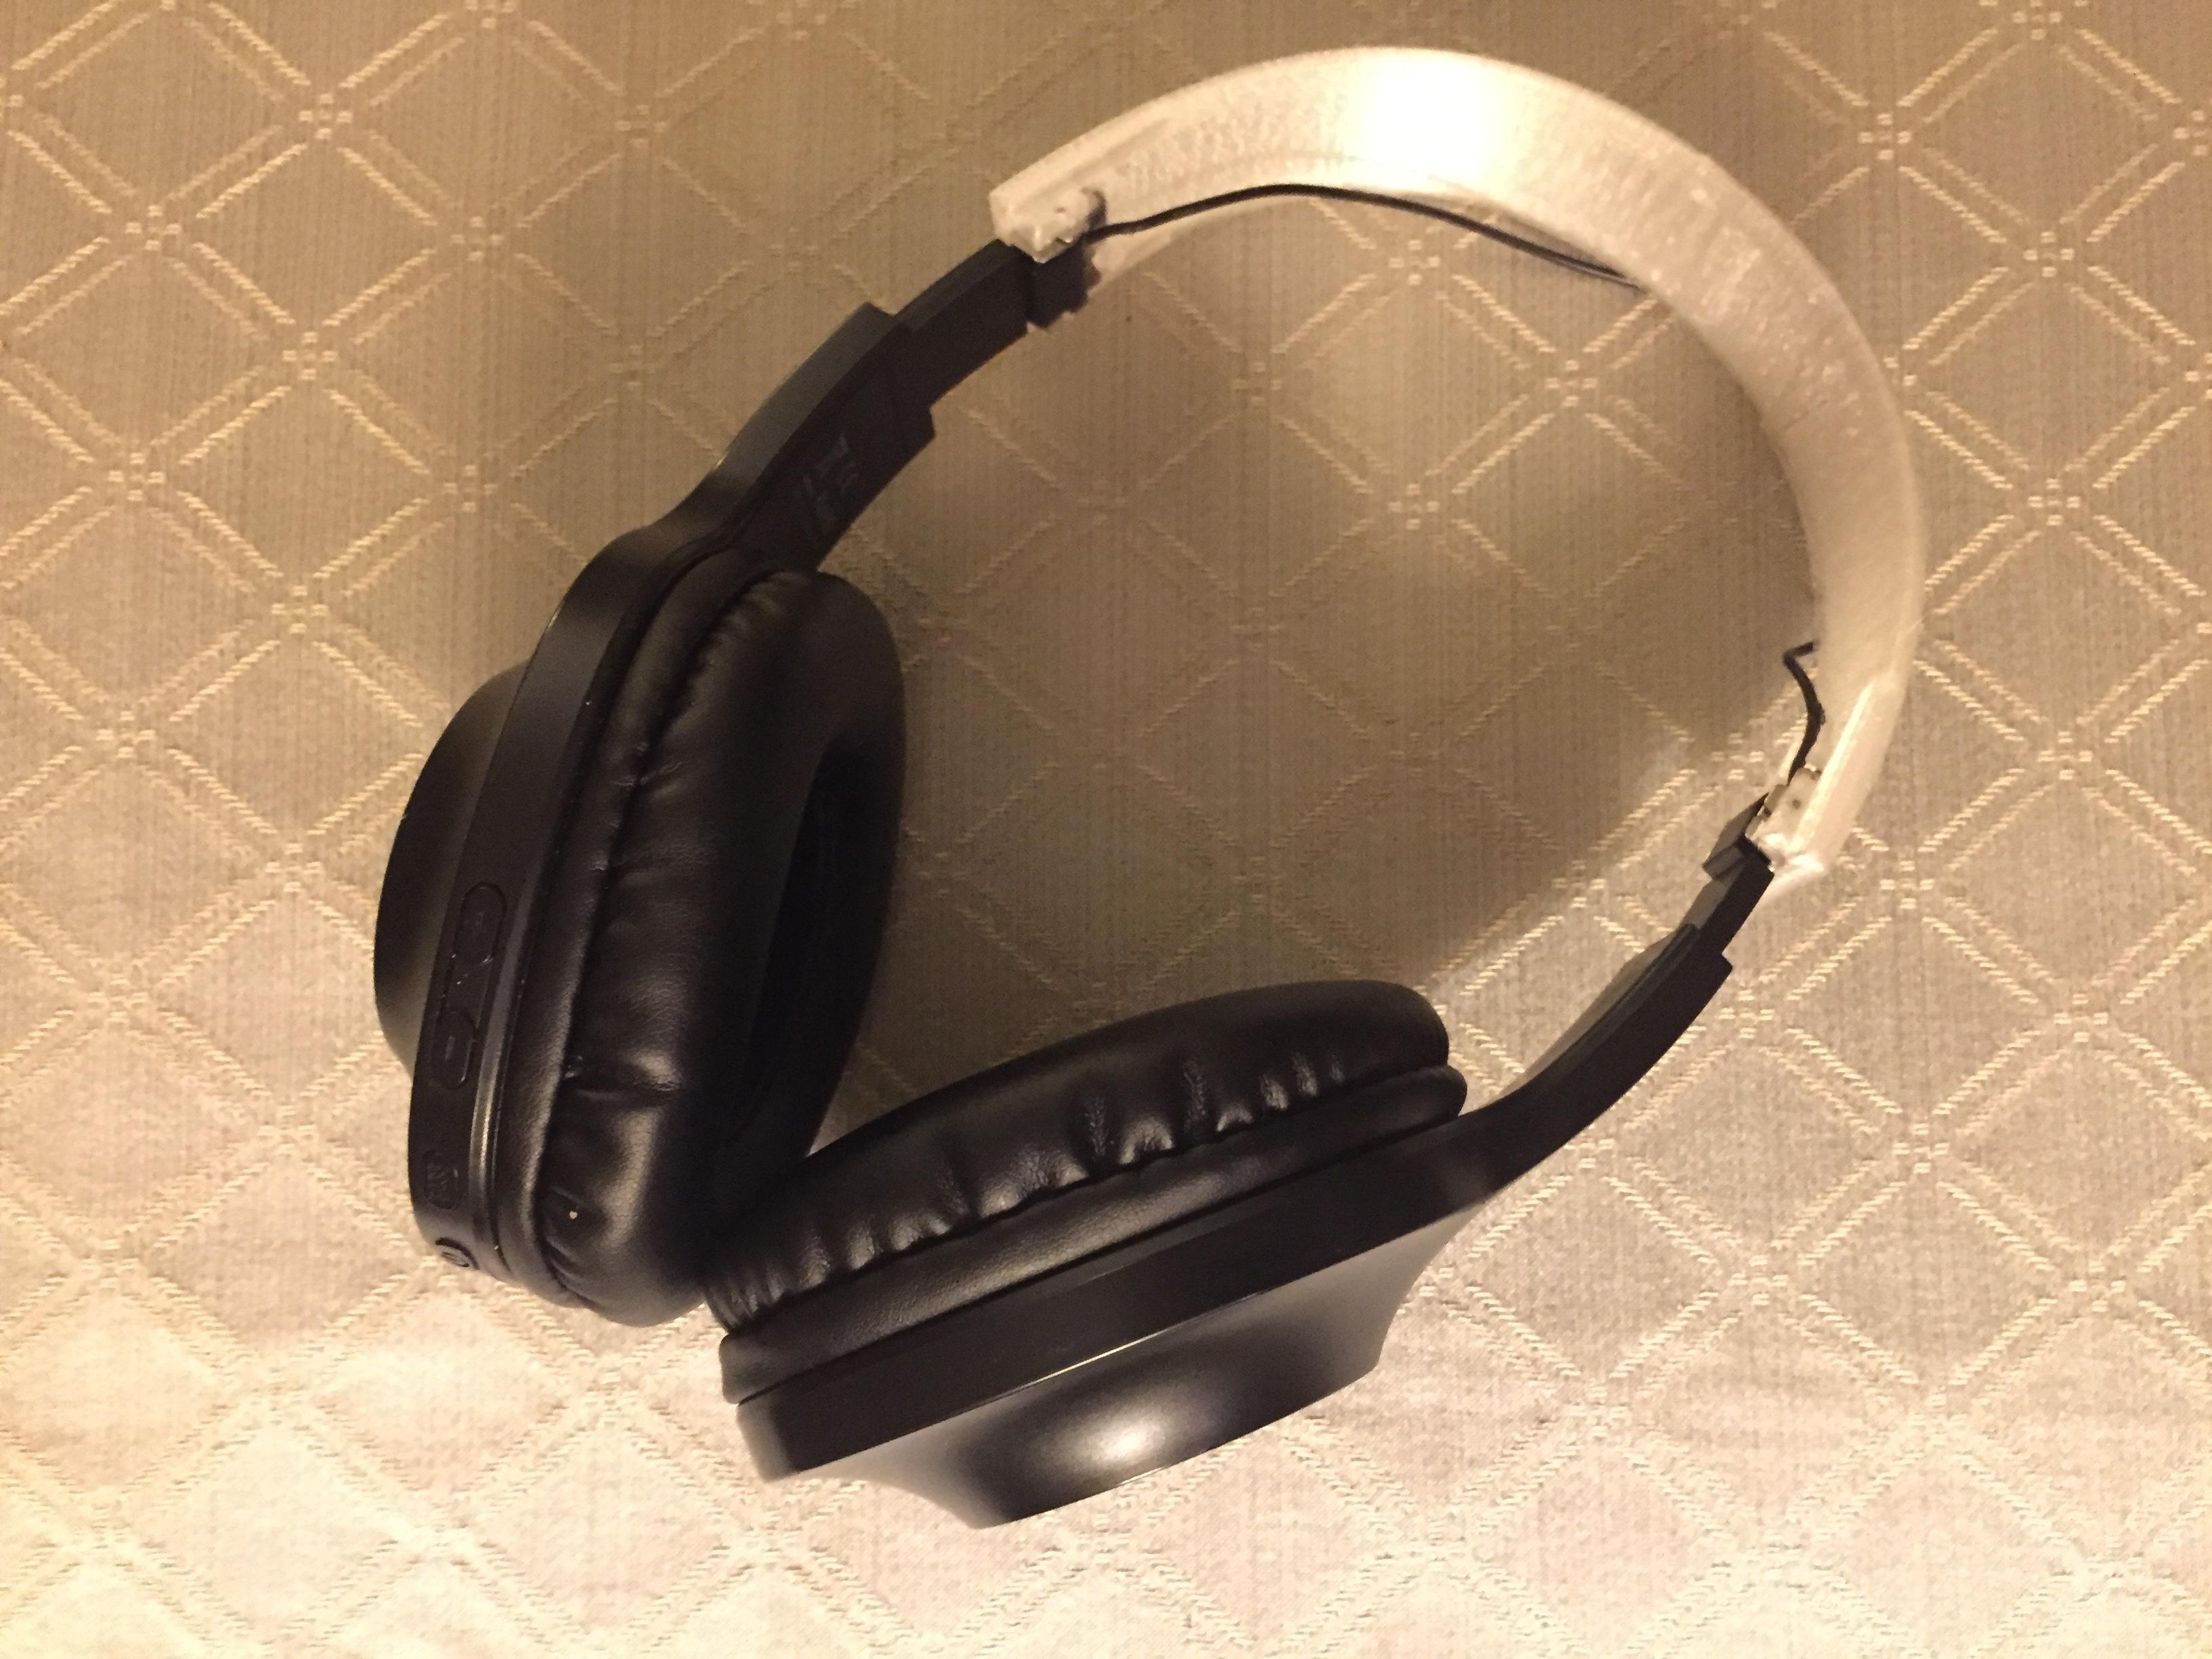 1FA8E9E6-5C2B-4578-A6F3-862234D4D82B.jpeg Télécharger fichier STL gratuit REMPLACEMENT DU BOUCLE-TÊTE Letscom H10 Casque d'écoute Bluetooth sans fil • Design imprimable en 3D, chrisneese